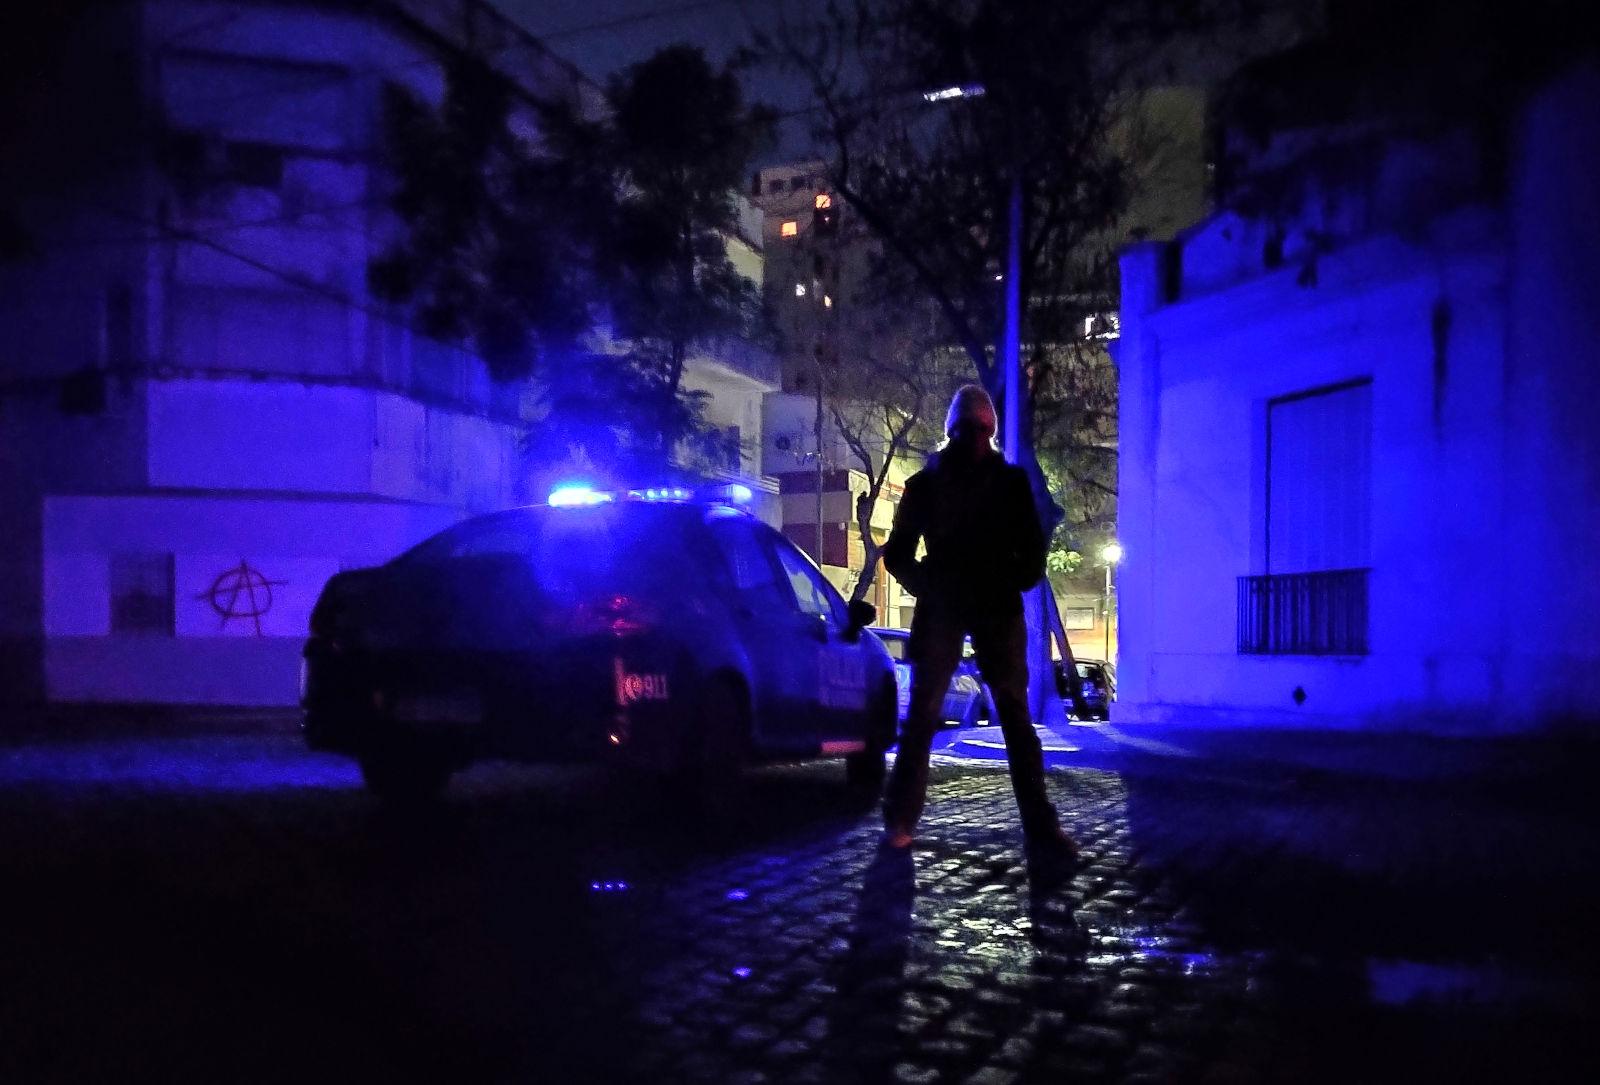 Gime en su versión más cyberpunk anoche sin luz y sin poder armar los #LDV